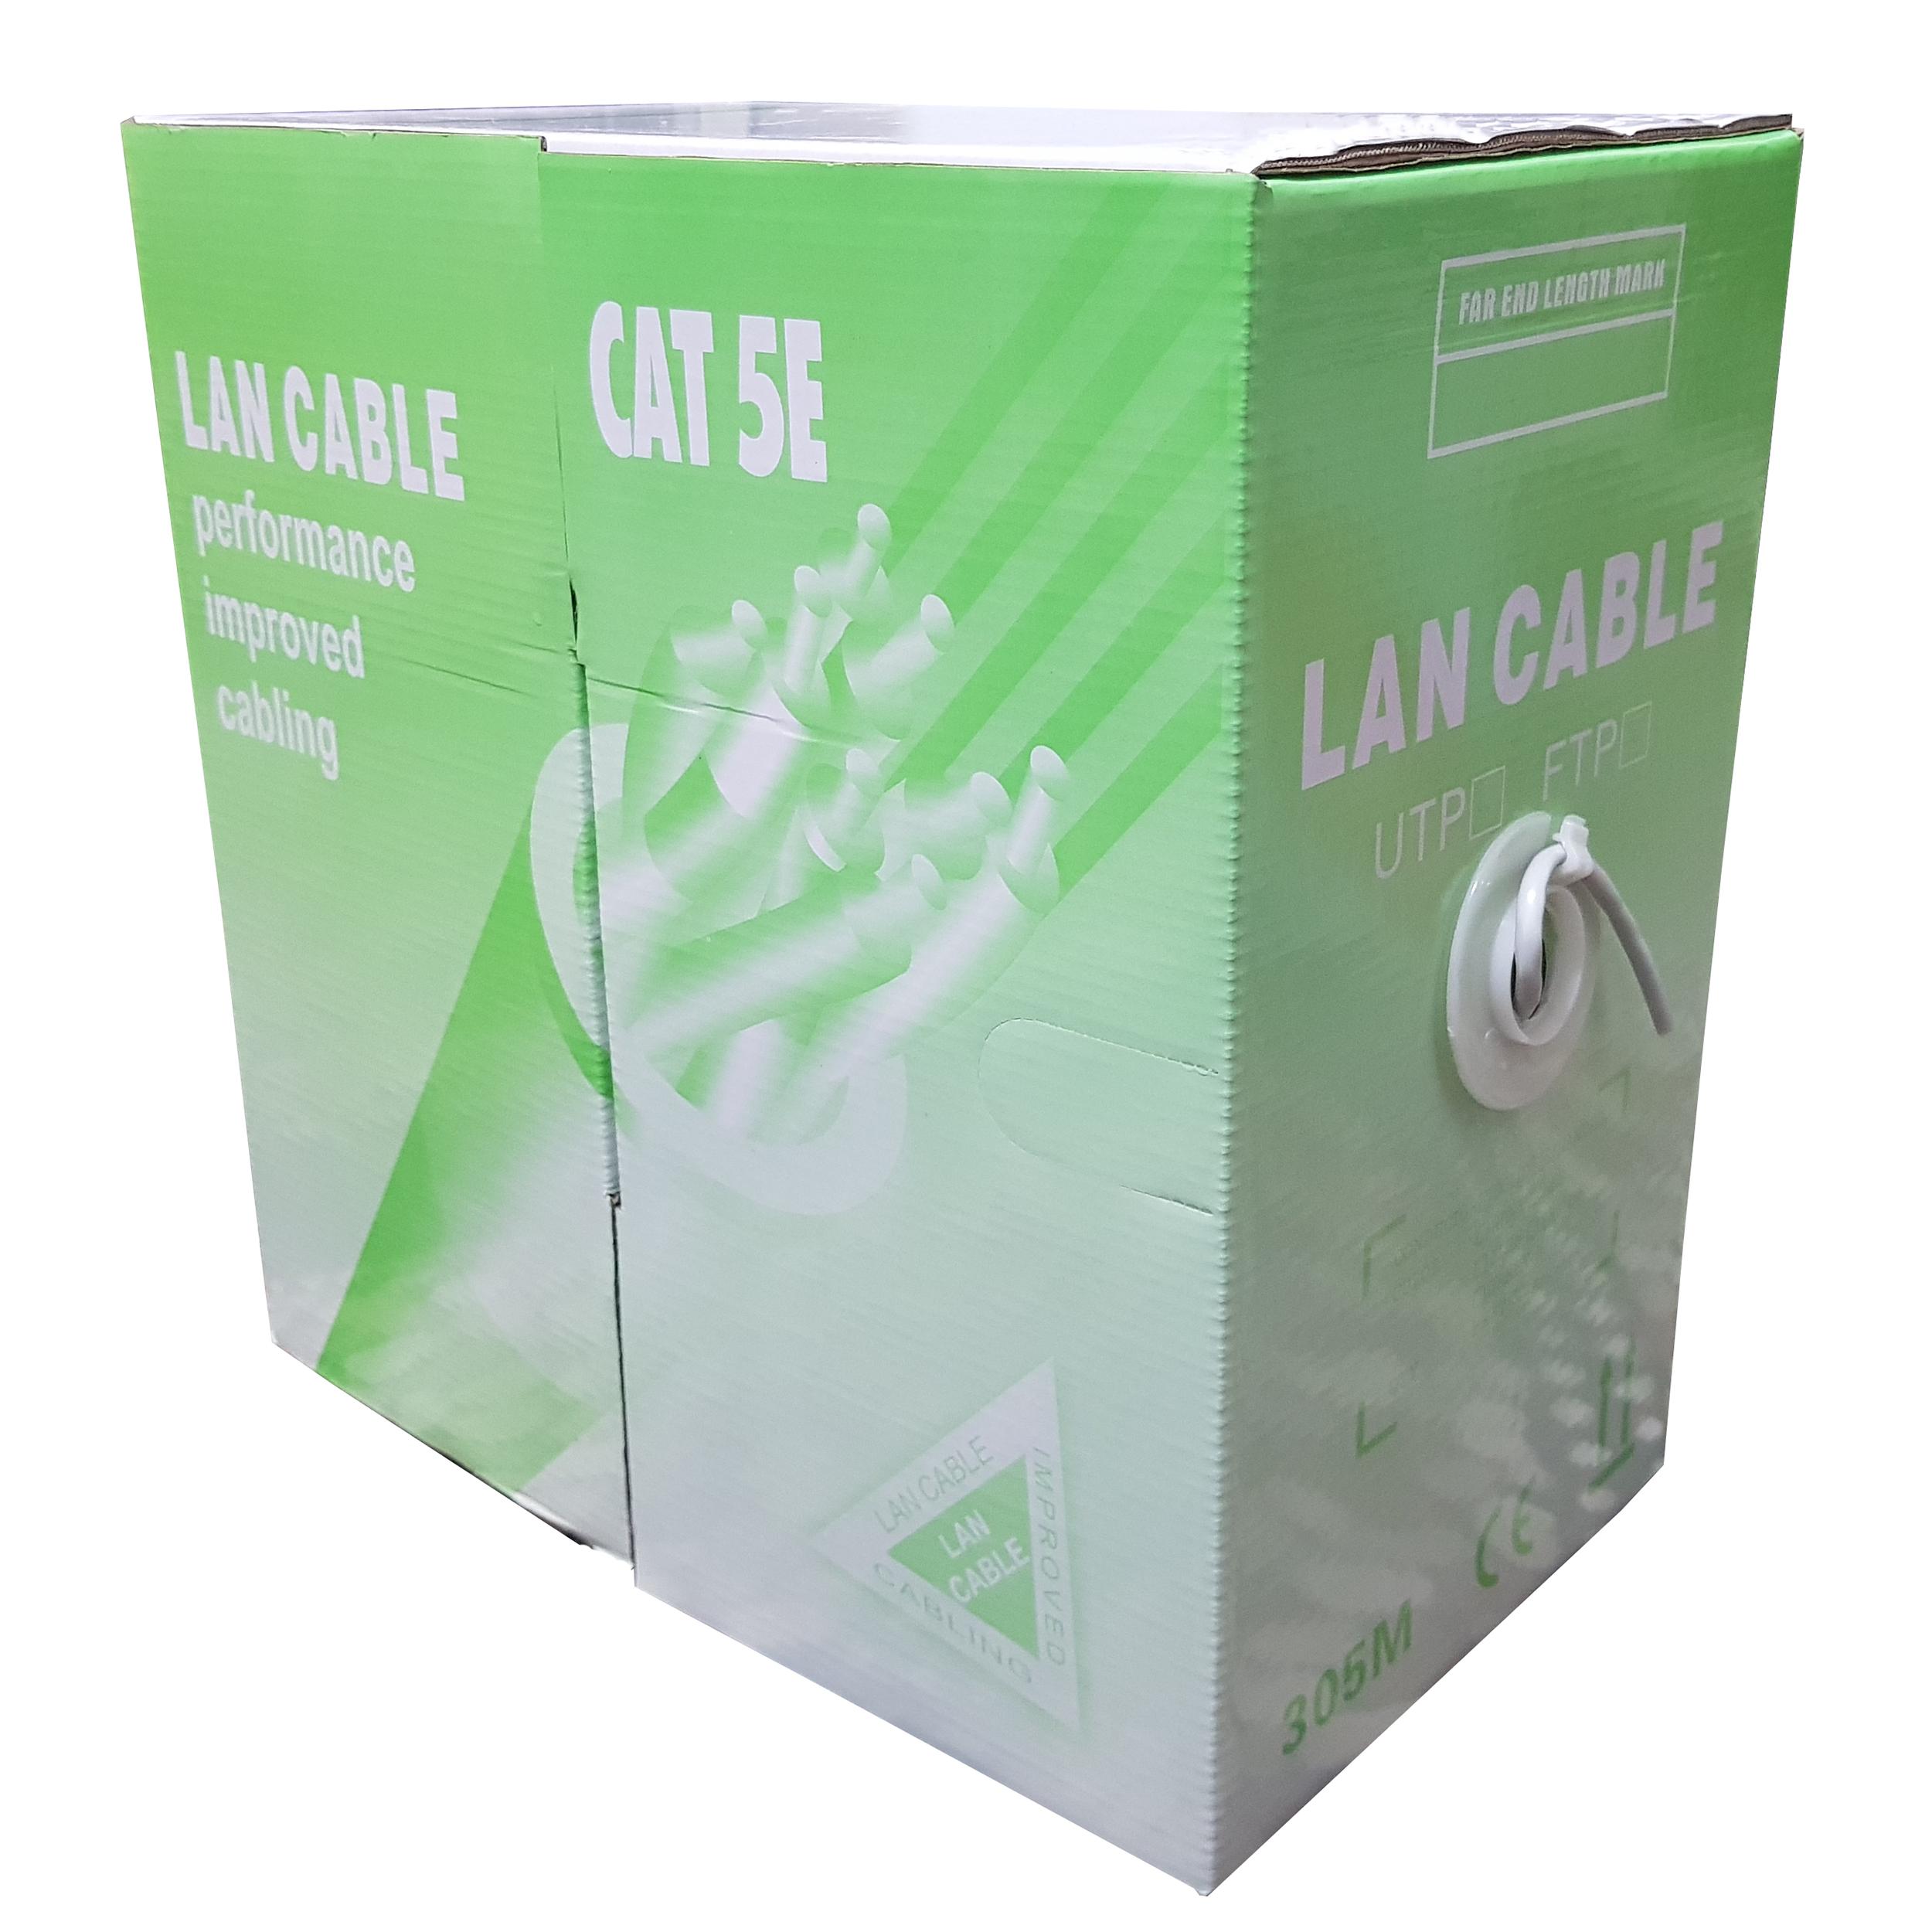 کابل شبکه Cat 5E مدل Lane Cable به طول 305 متر |